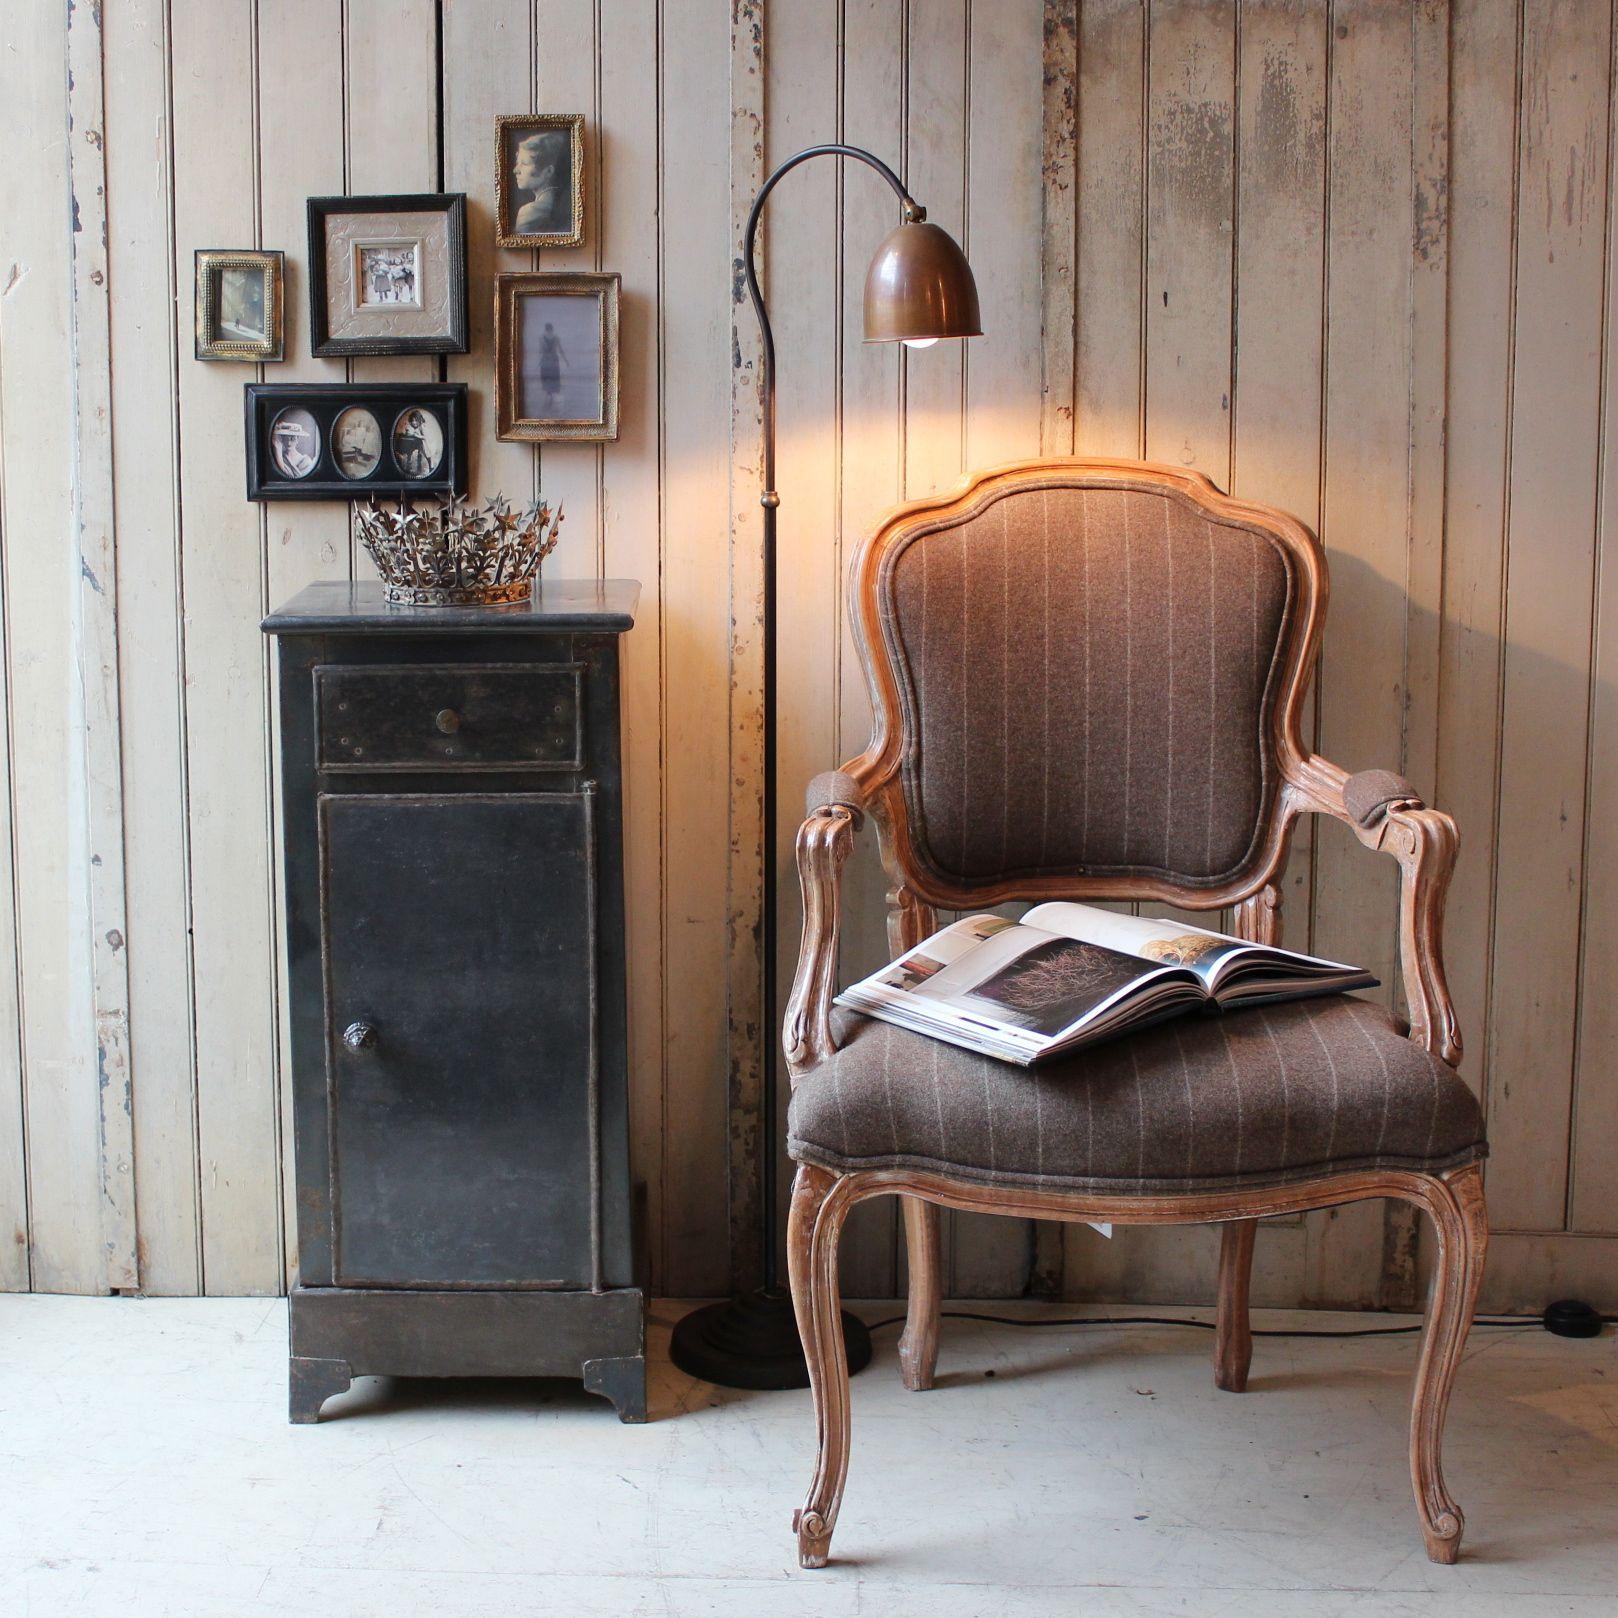 vintage furniture |  been sourcing restoring and refinishing utilitarian vintage  furniture | Unique Antique ~ Colectibles | Pinterest | Vintage furniture